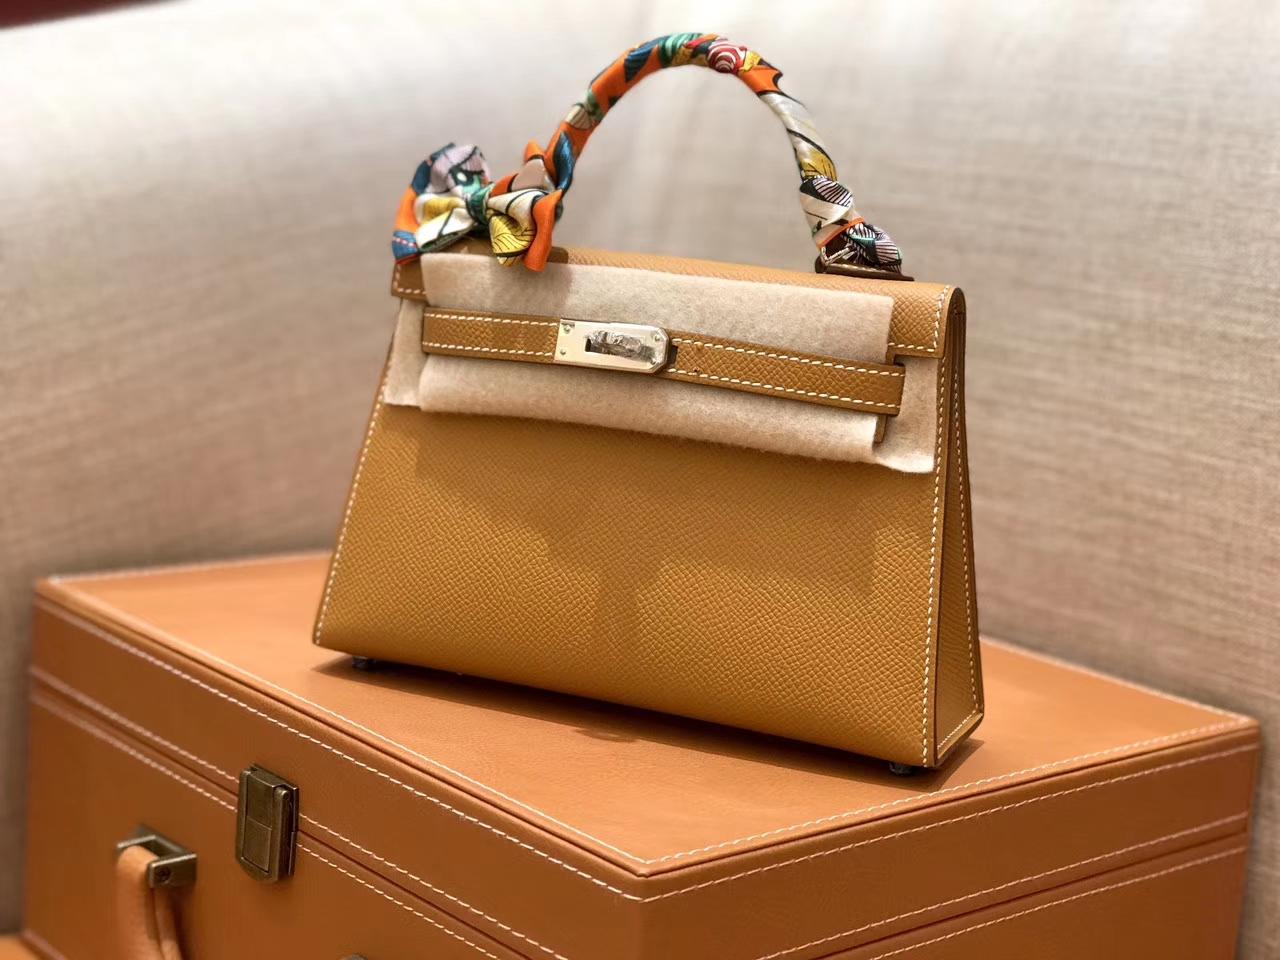 Hermès(爱马仕)mini Kelly 金棕色 银扣 德国进口掌纹皮 全手工缝制